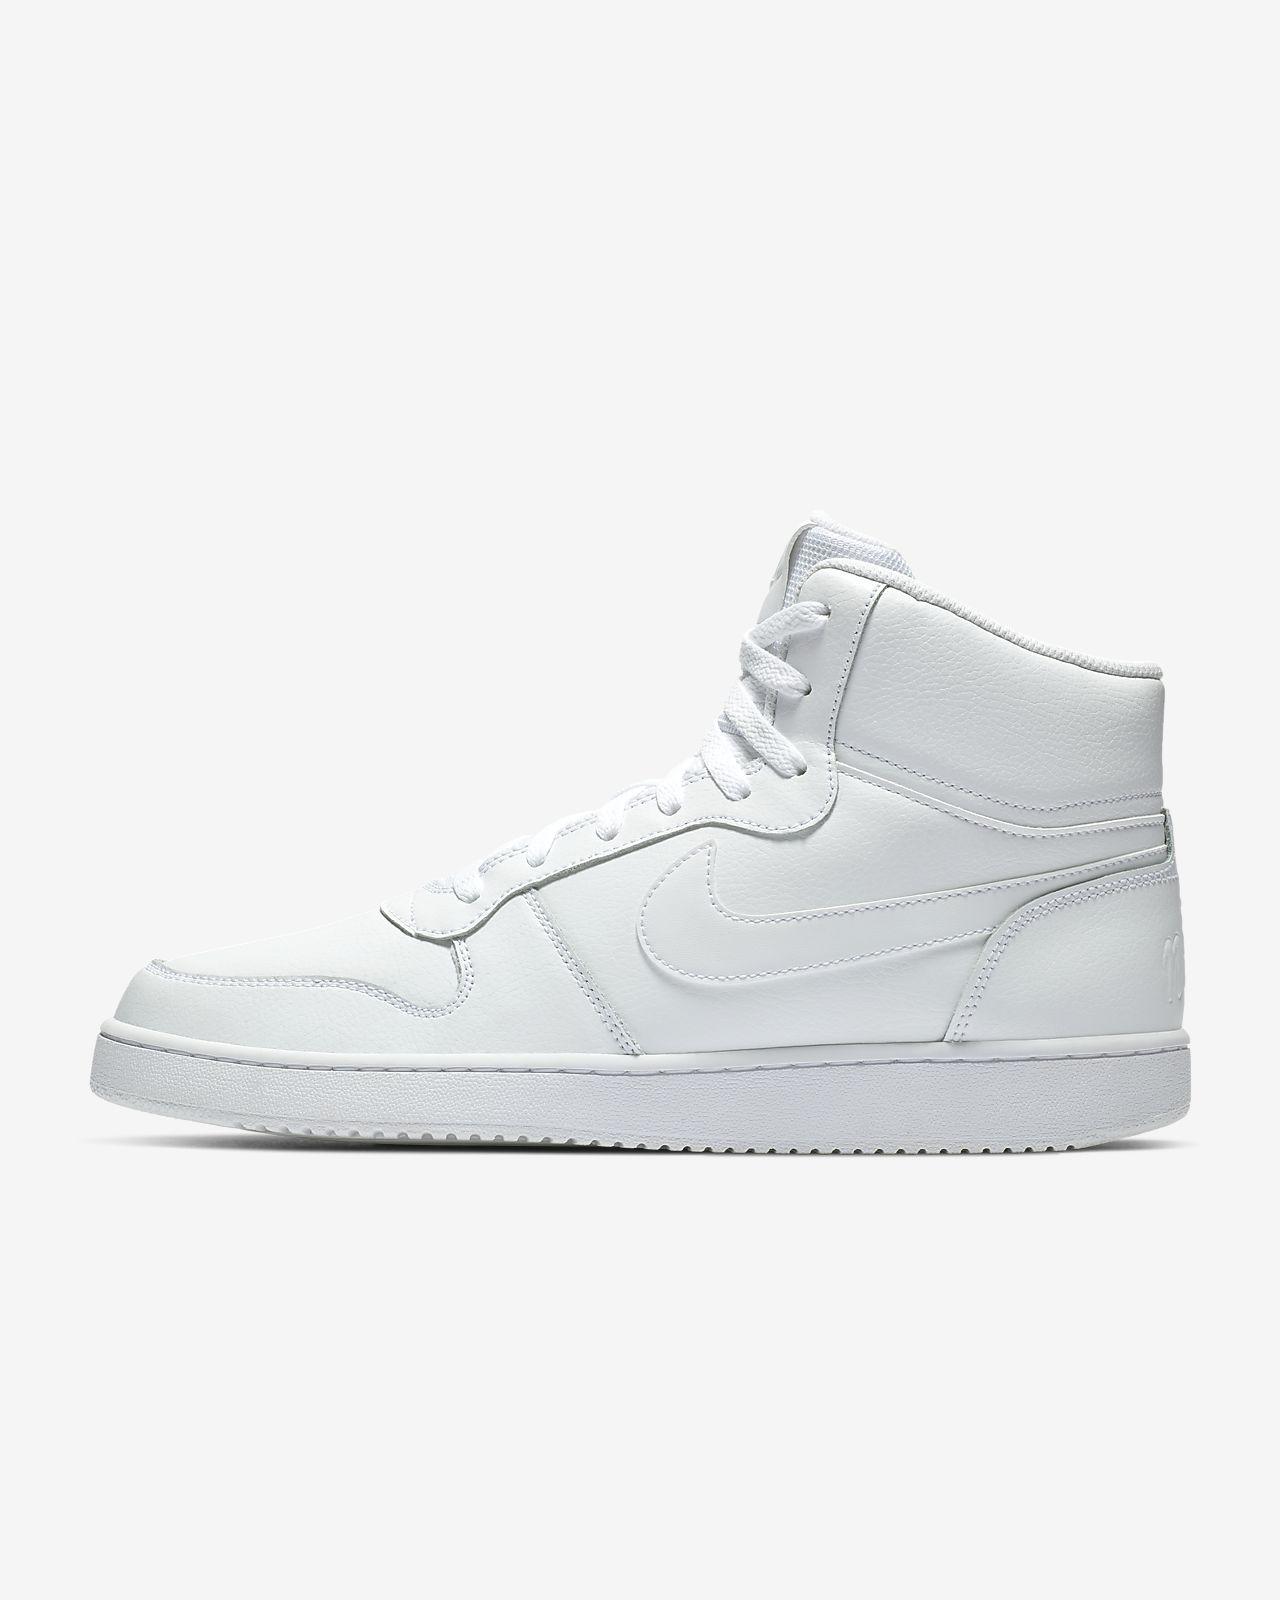 Nike Ebernon Mid Men's Shoe